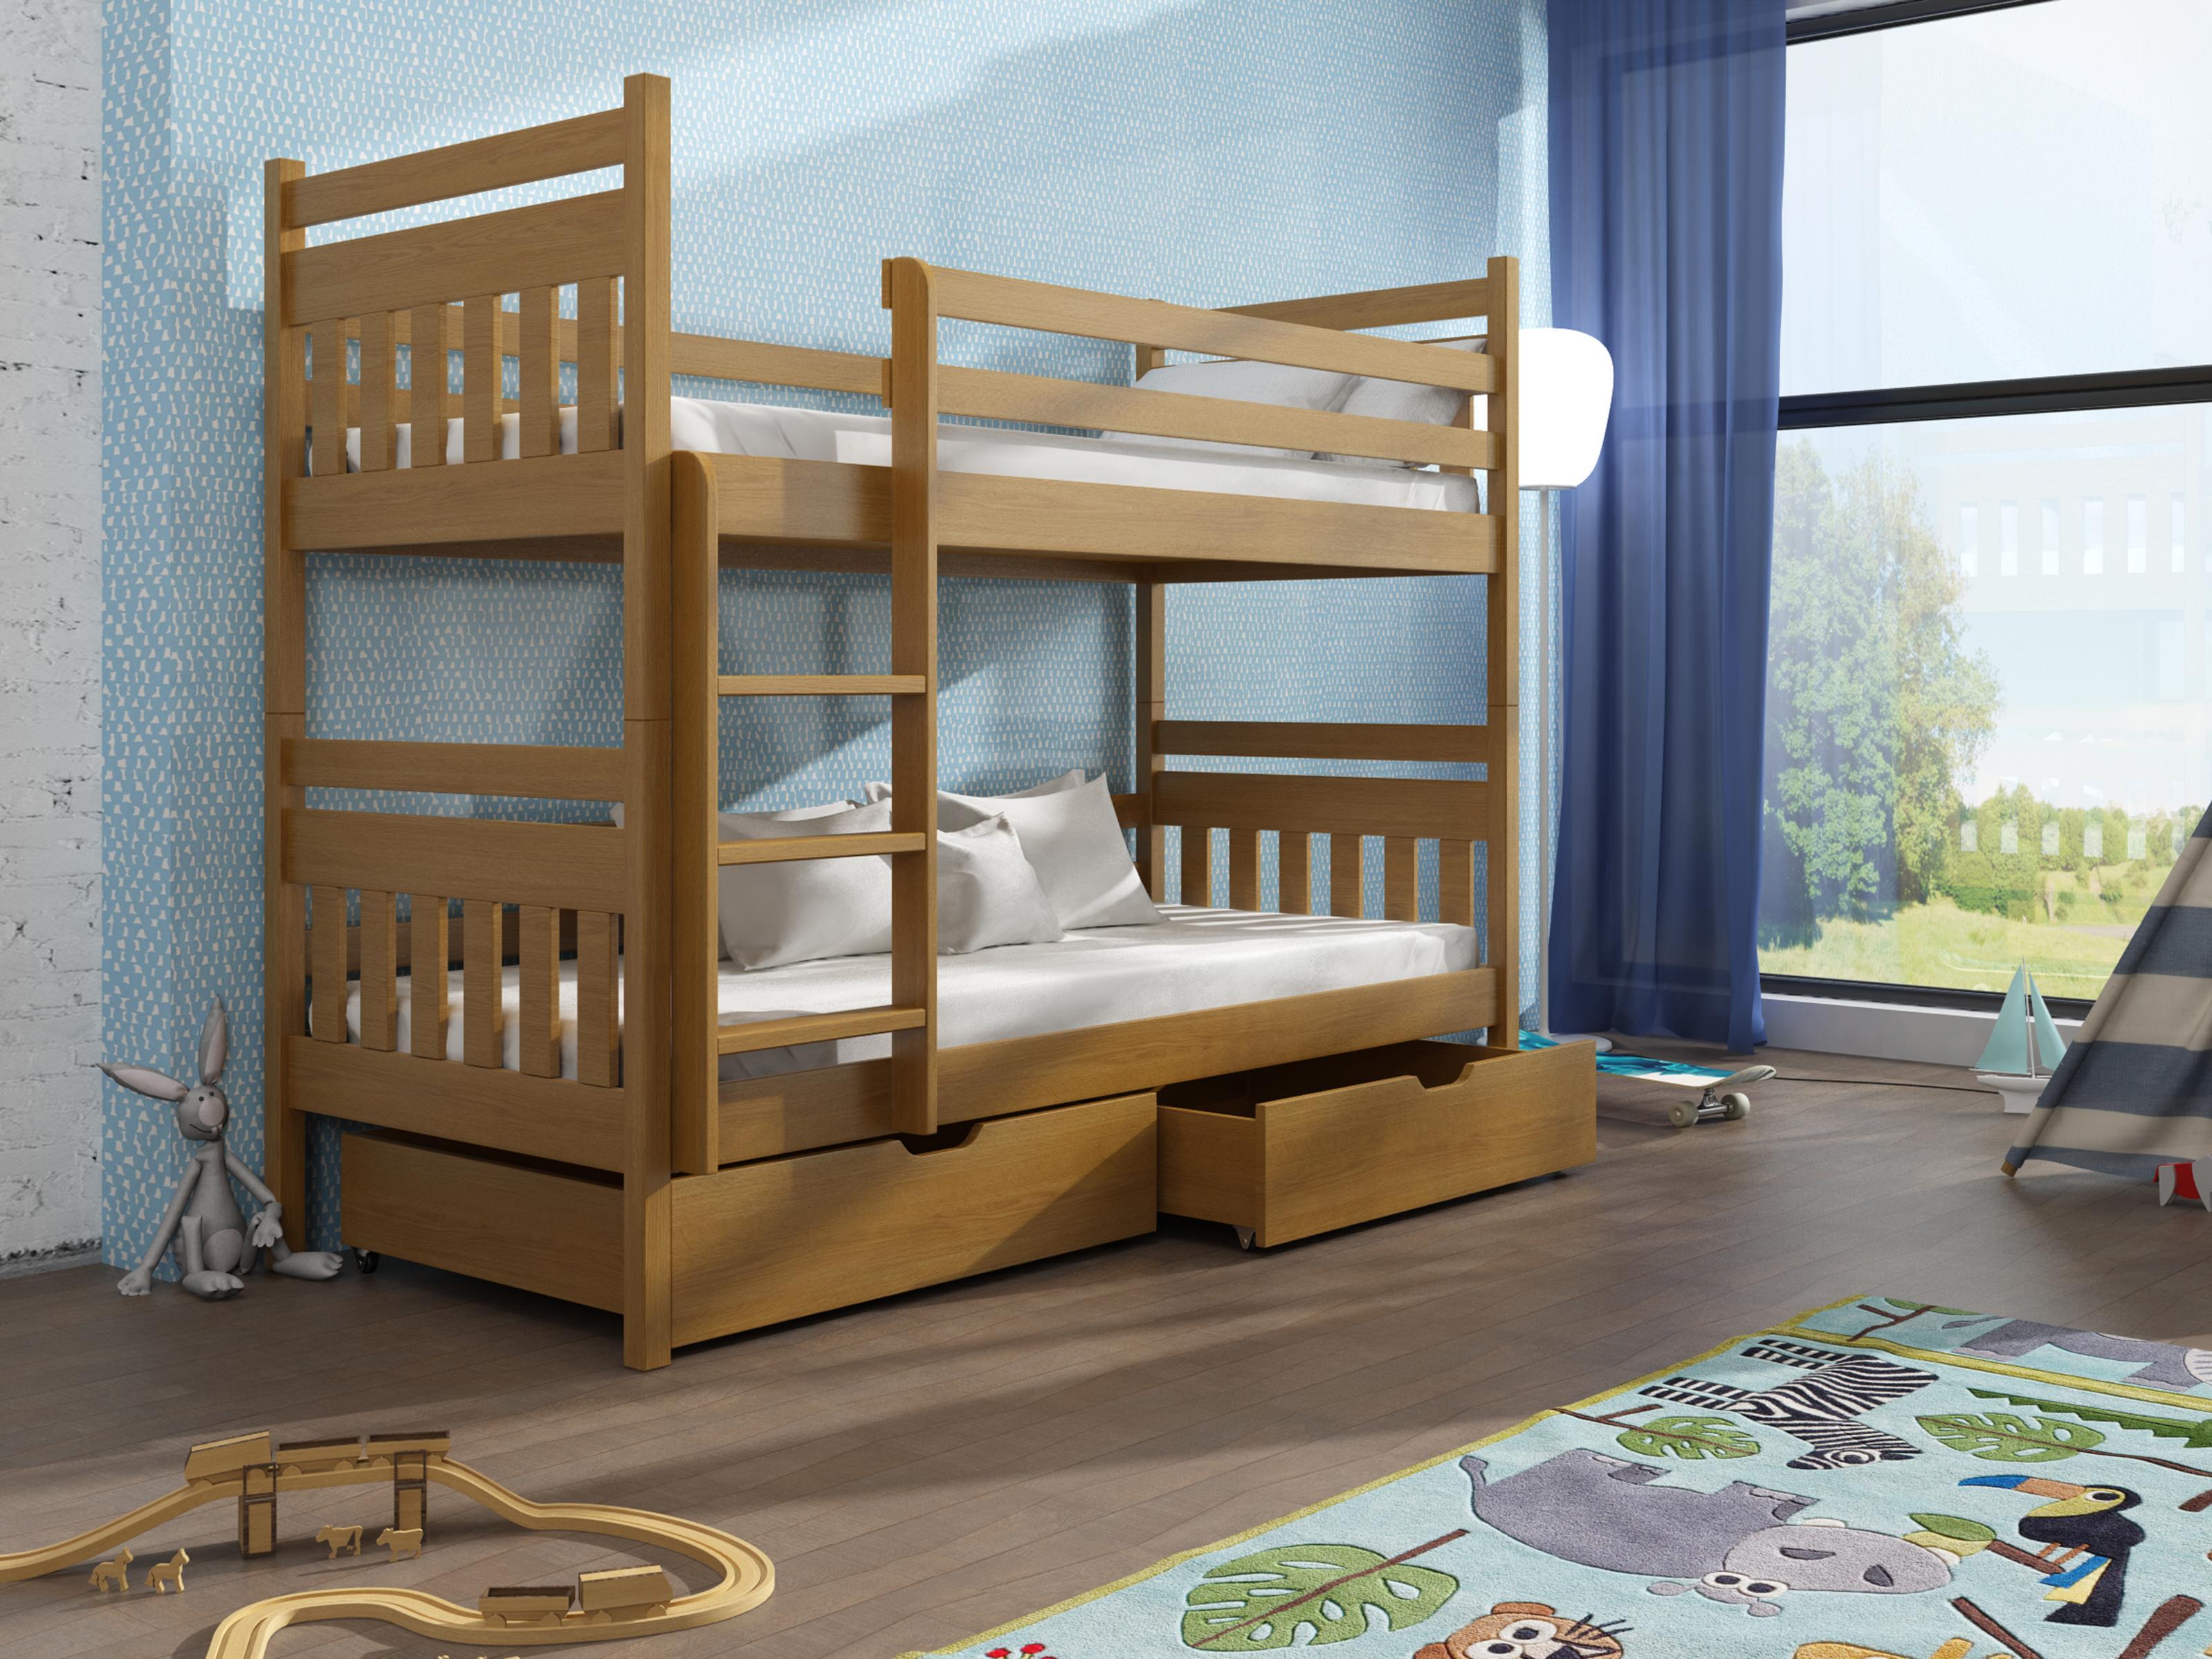 Dětská patrová postel 90 cm - Aras (dub)